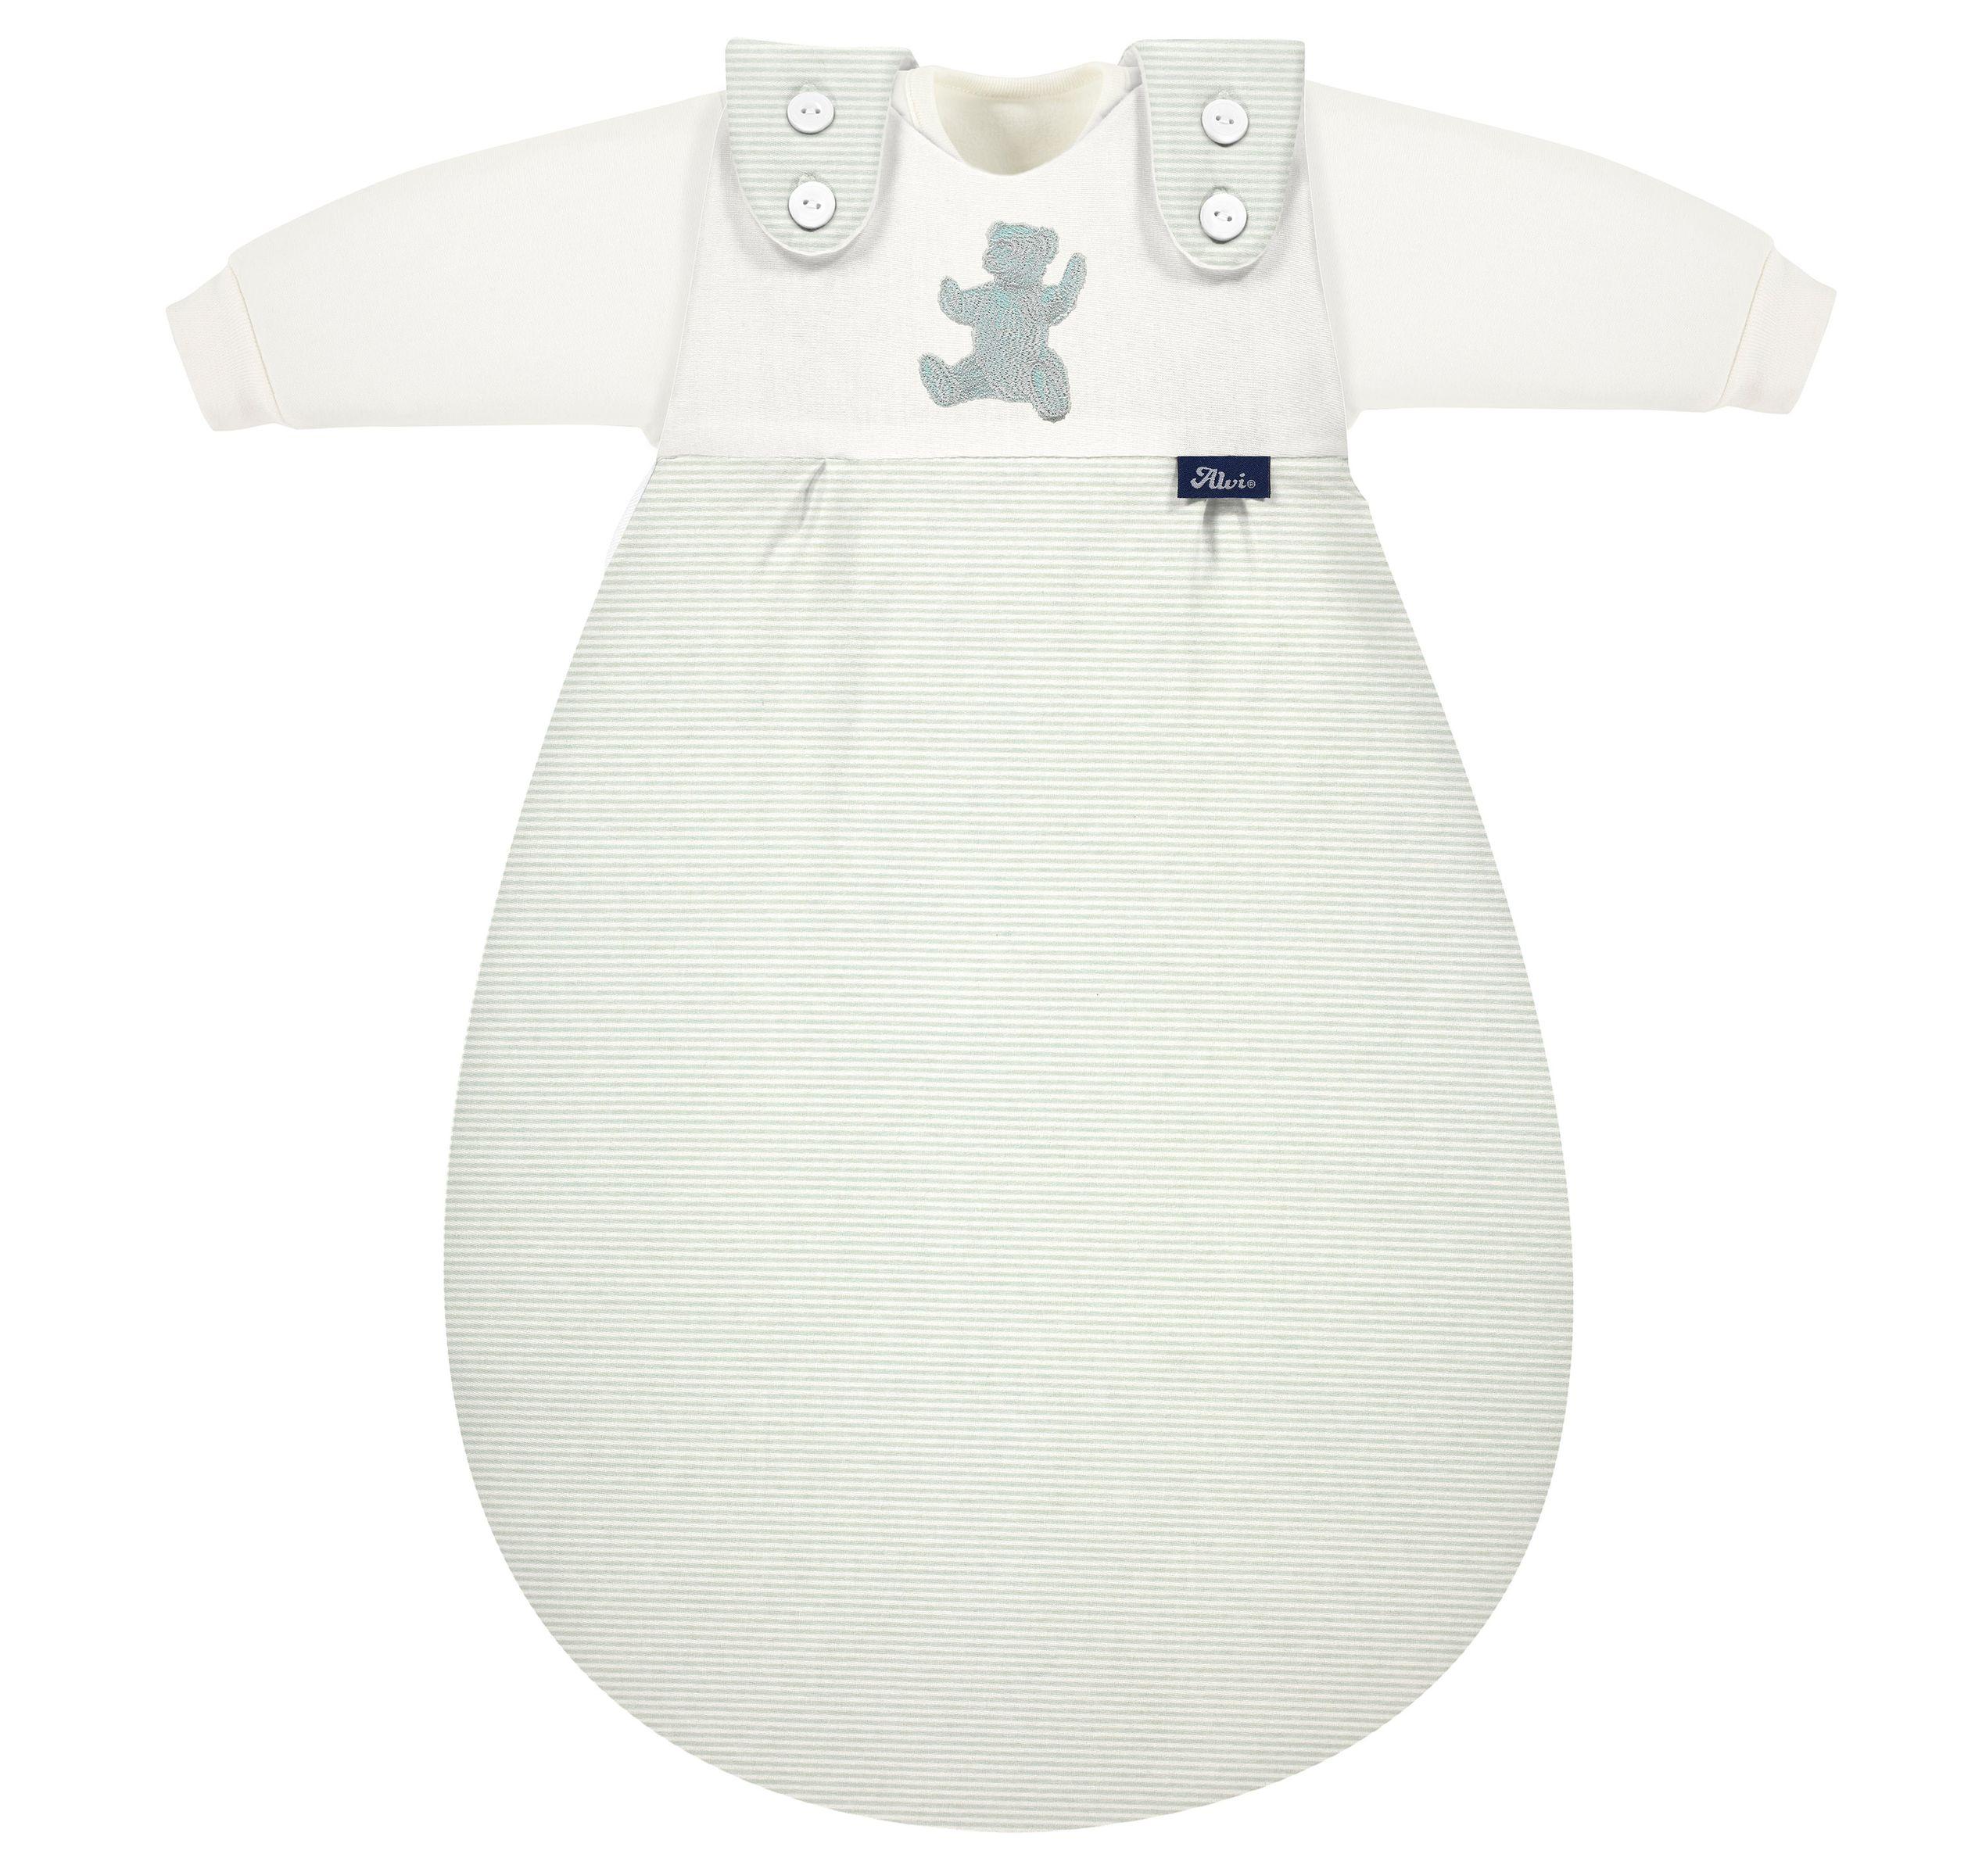 Alvi Baby Mäxchen 3tlg. smoky stripe